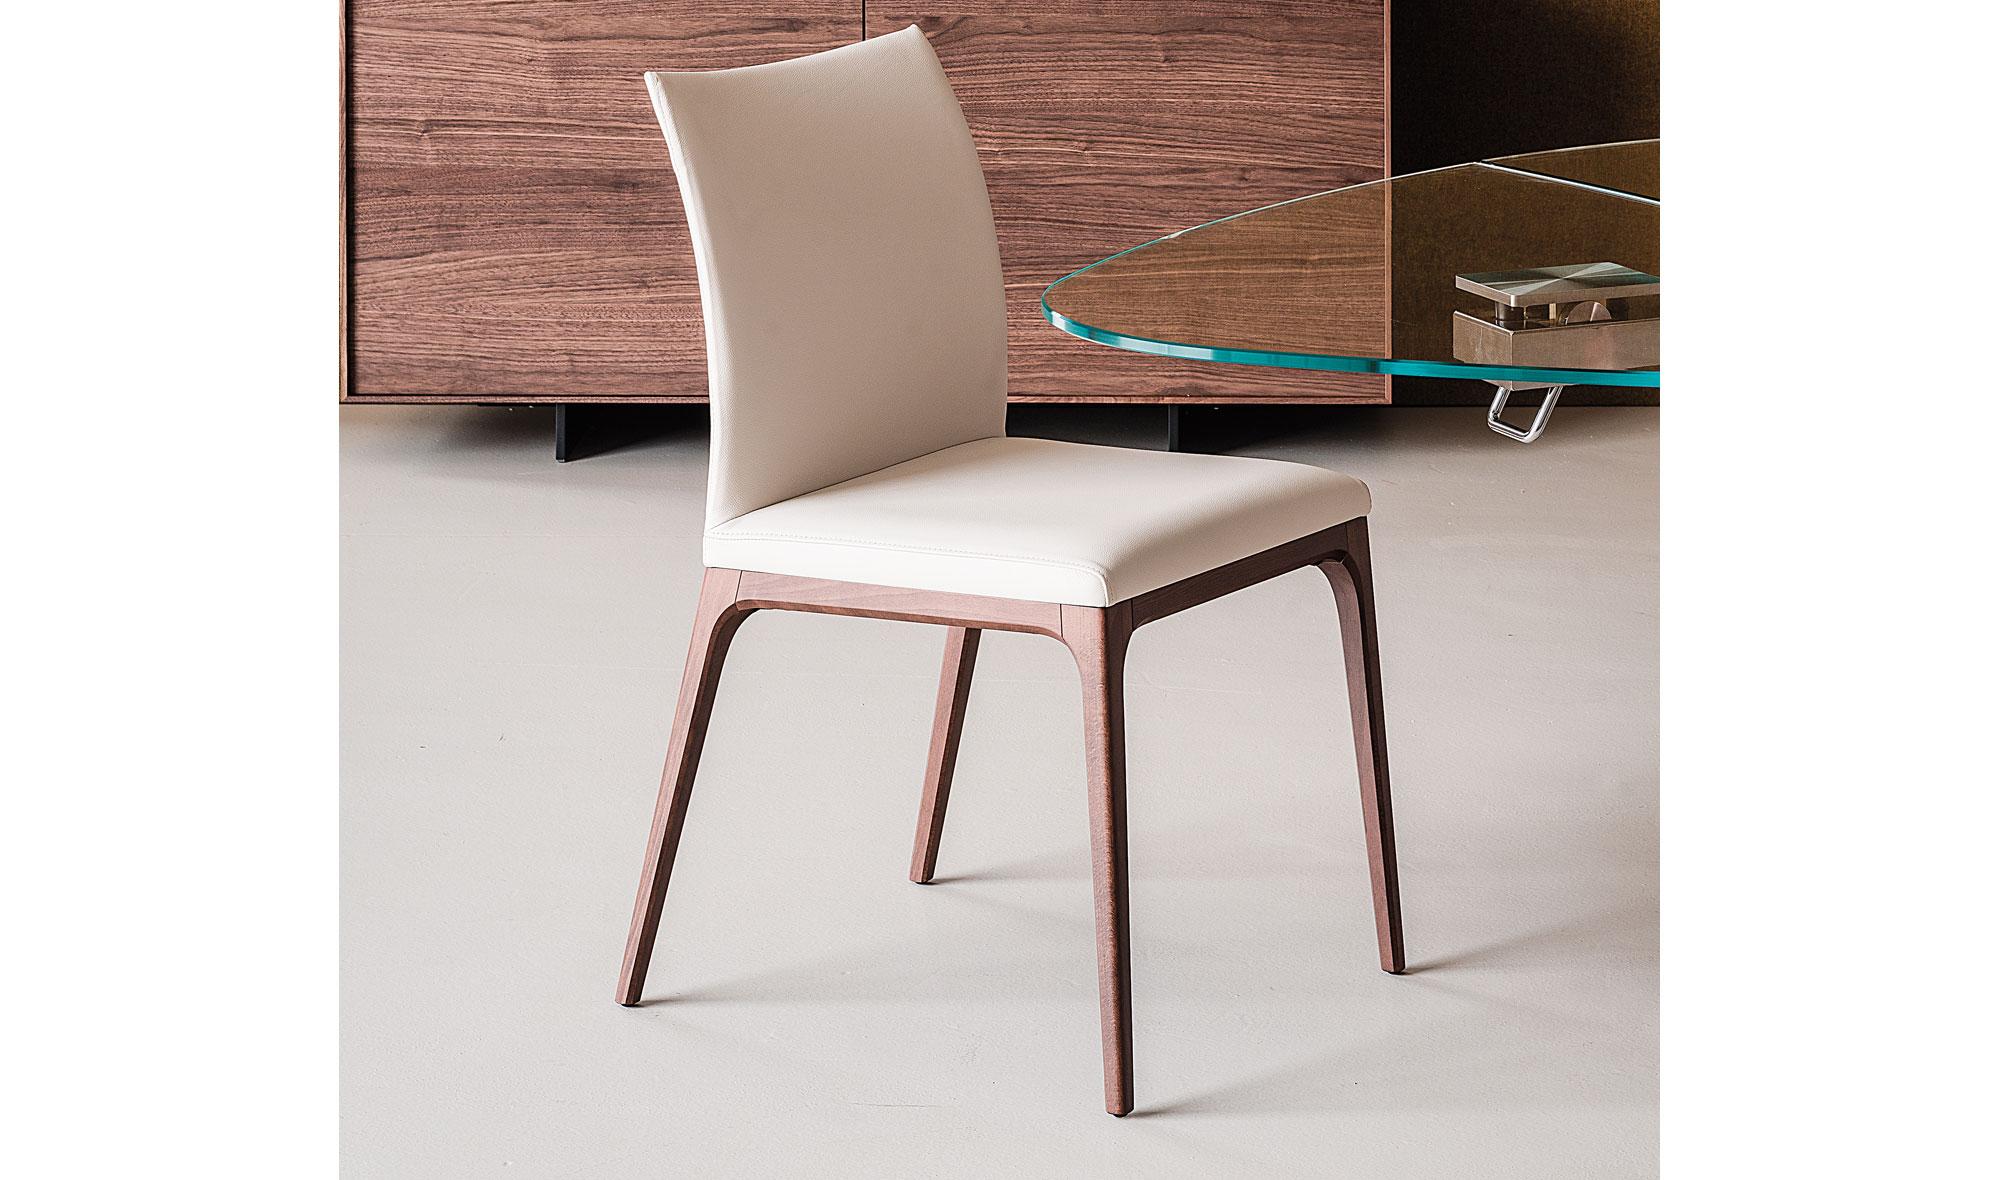 Silla moderna arcadia en for Sillas escritorio modernas